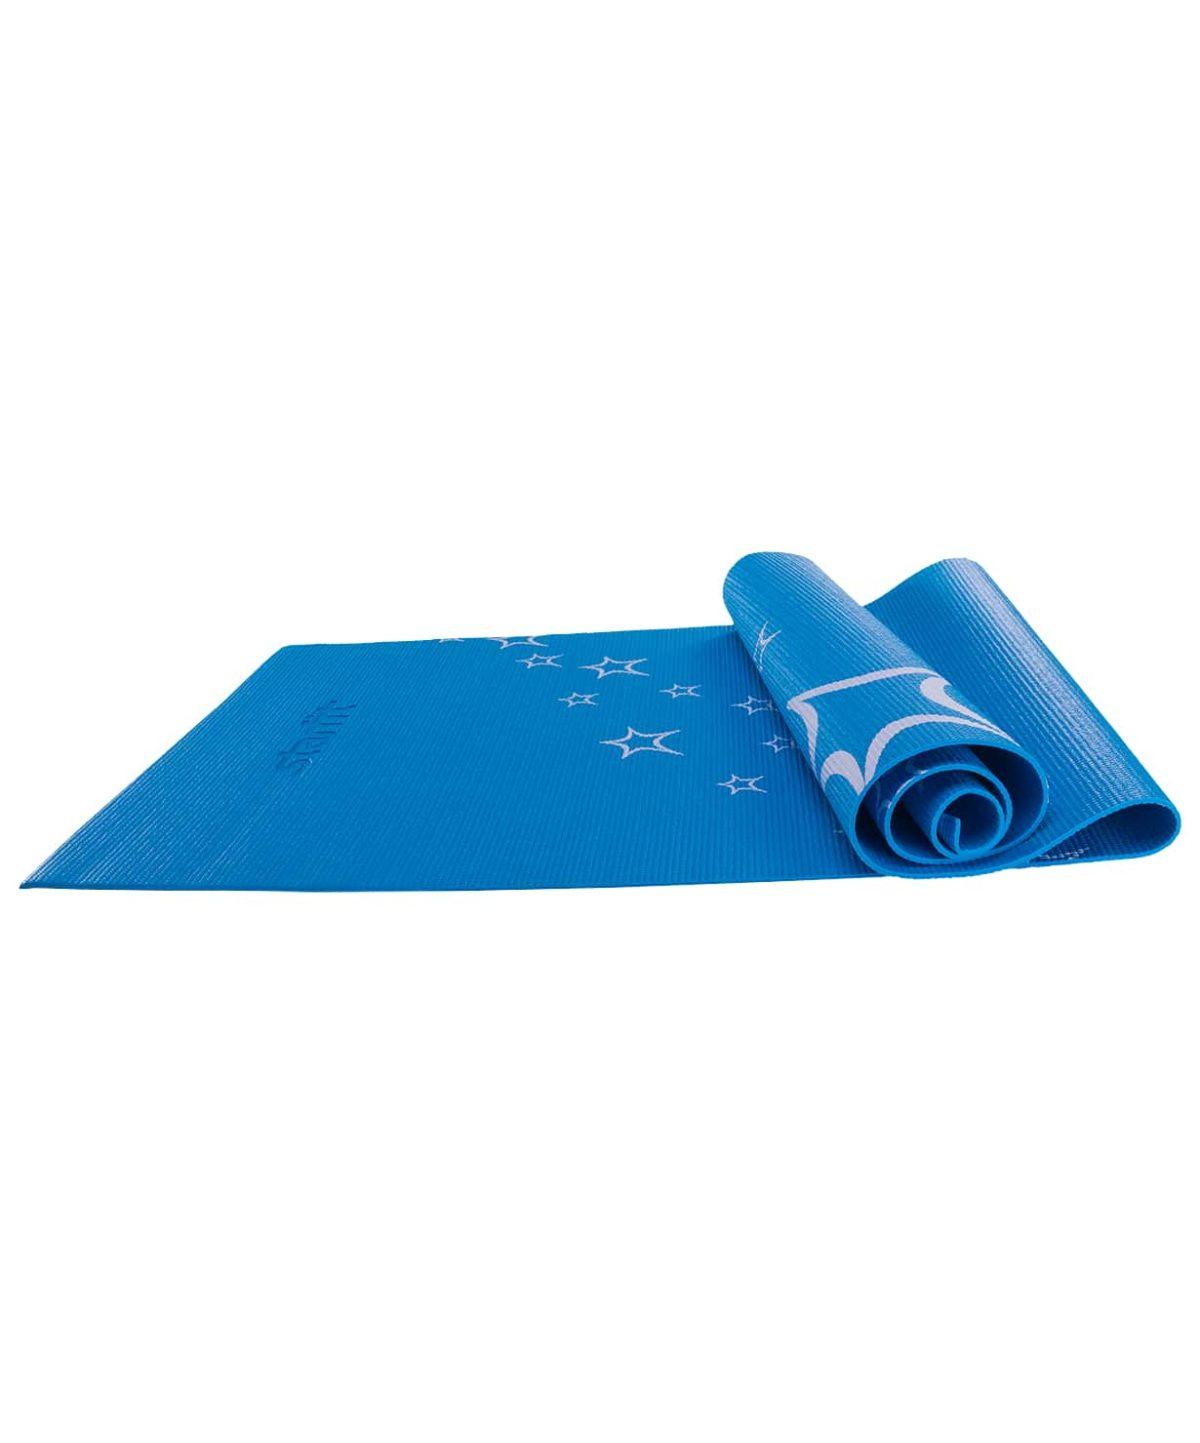 STARFIT Коврик для йоги FM-102 173х61х0,6см: синий - 1